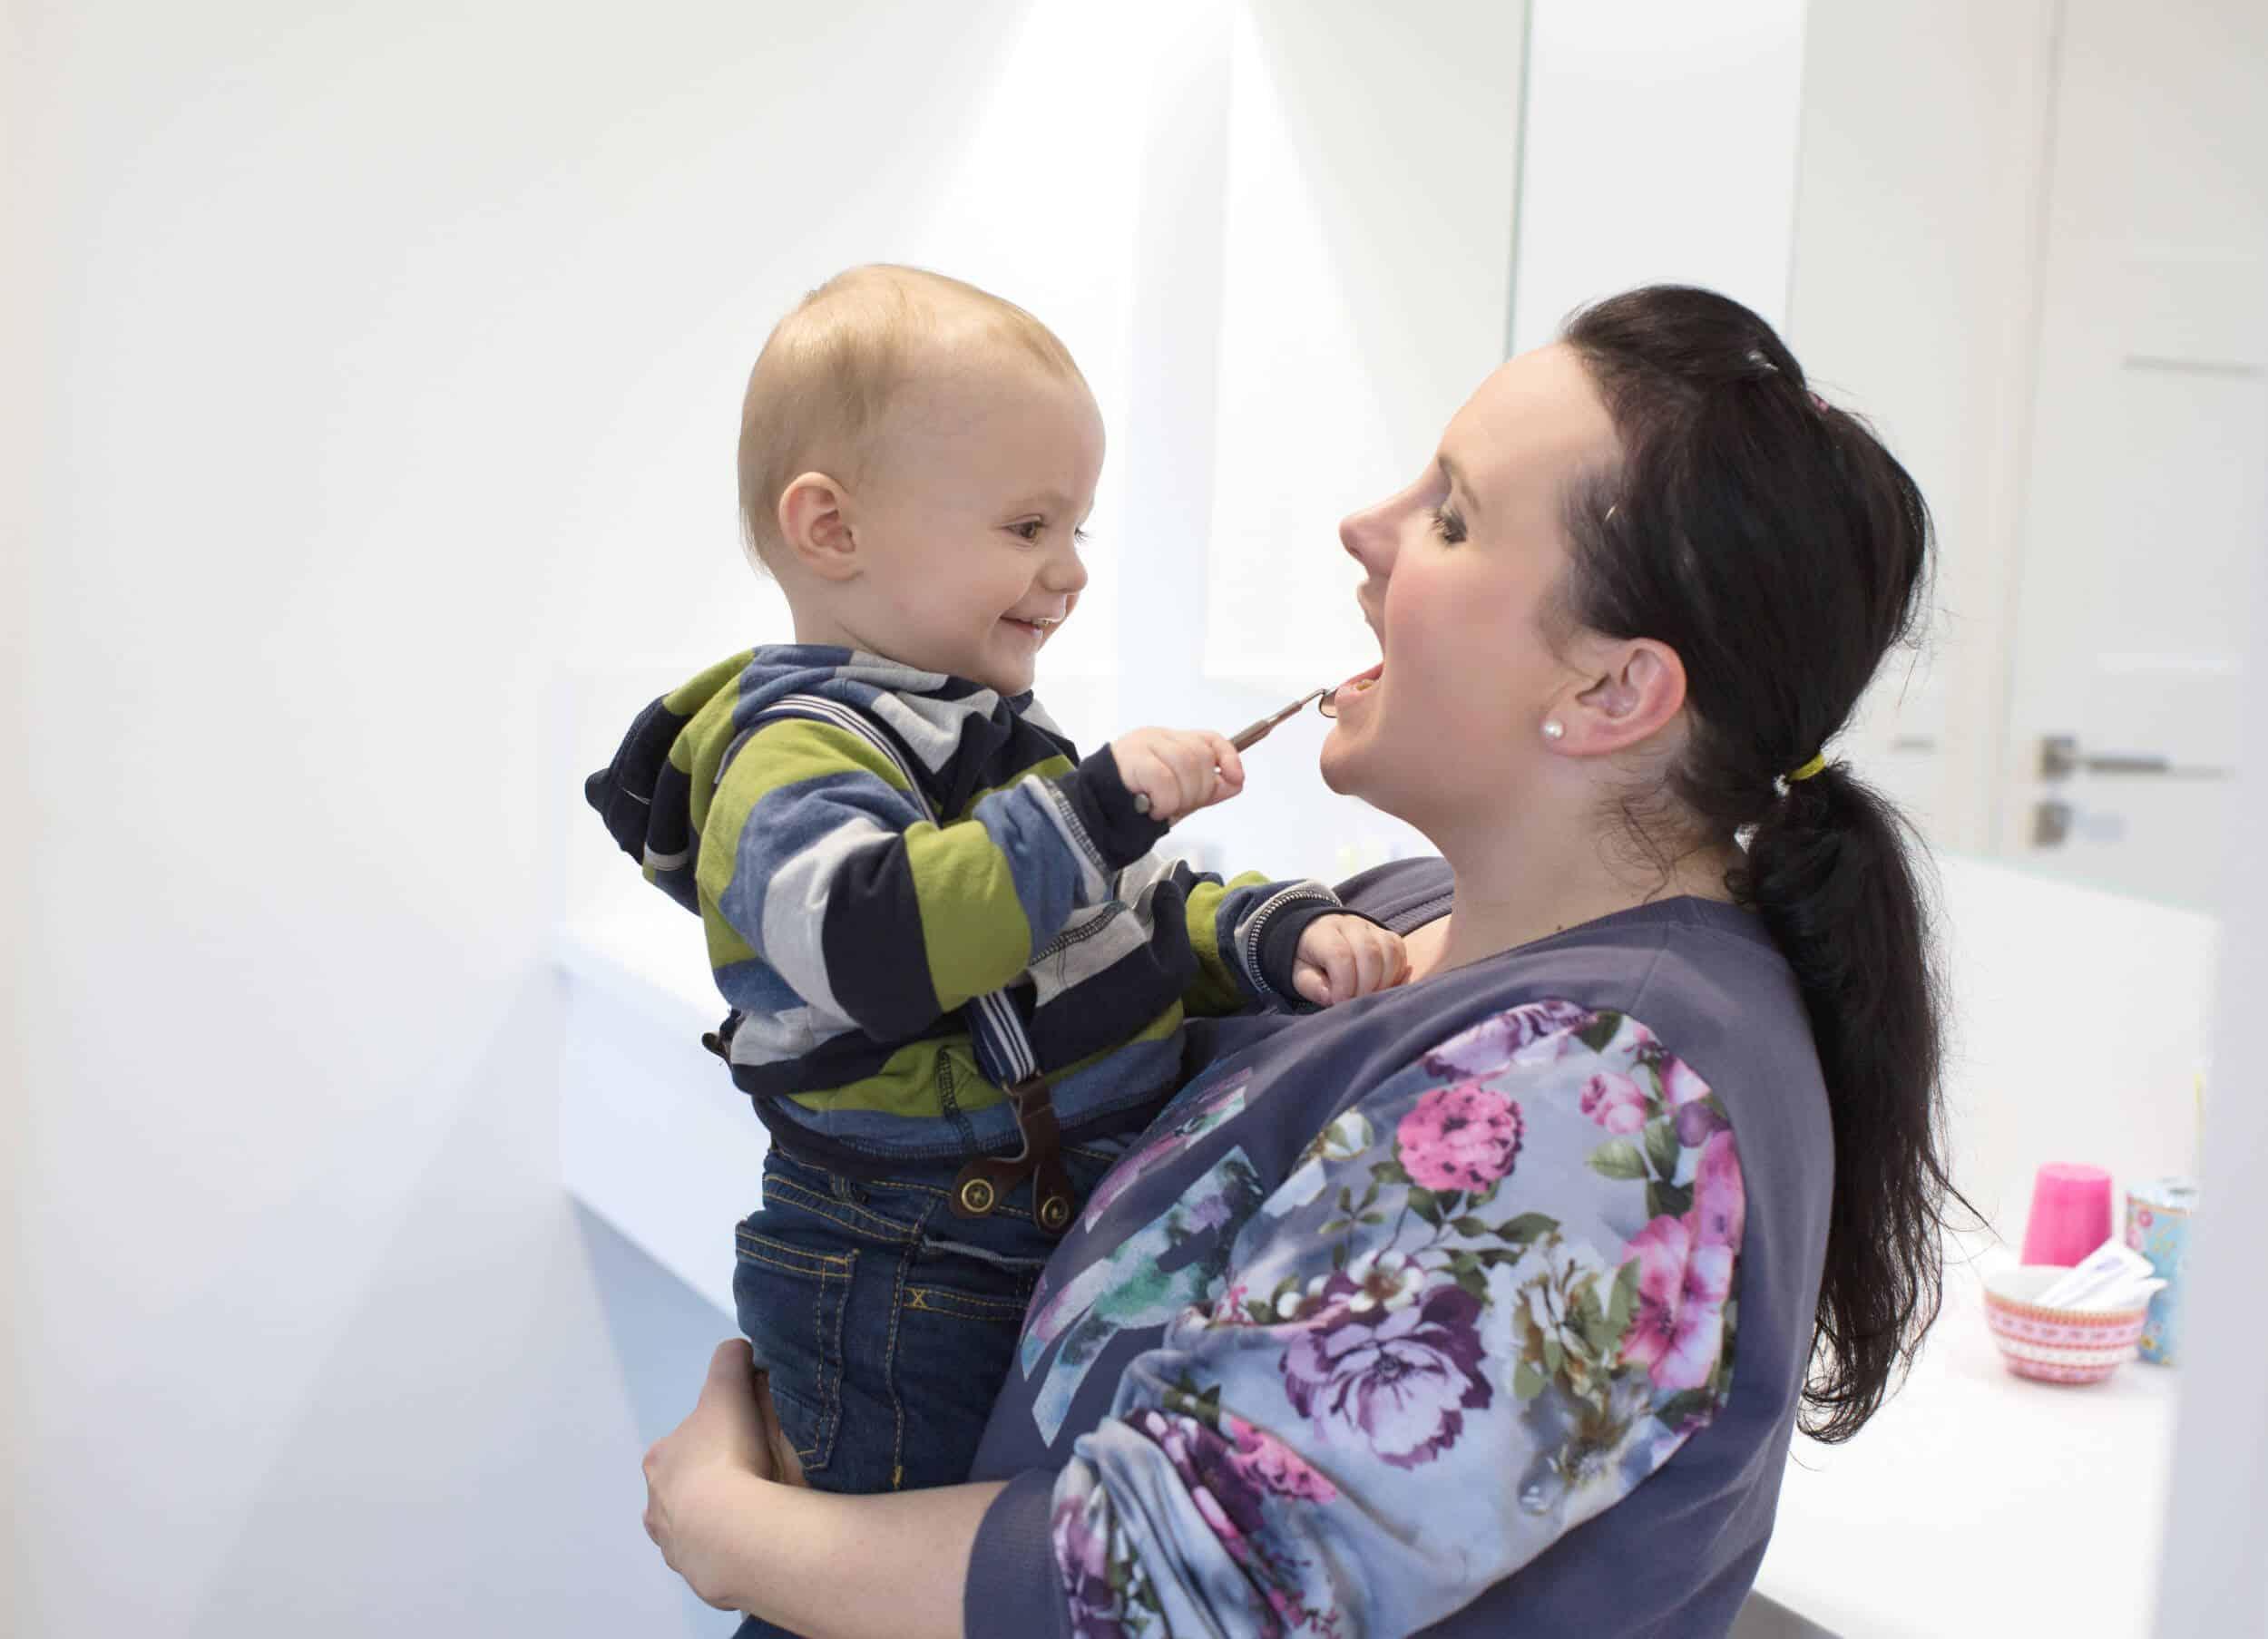 Behandlung bei Erwachsenen-Kieferorthopädie Schreiber Lünen